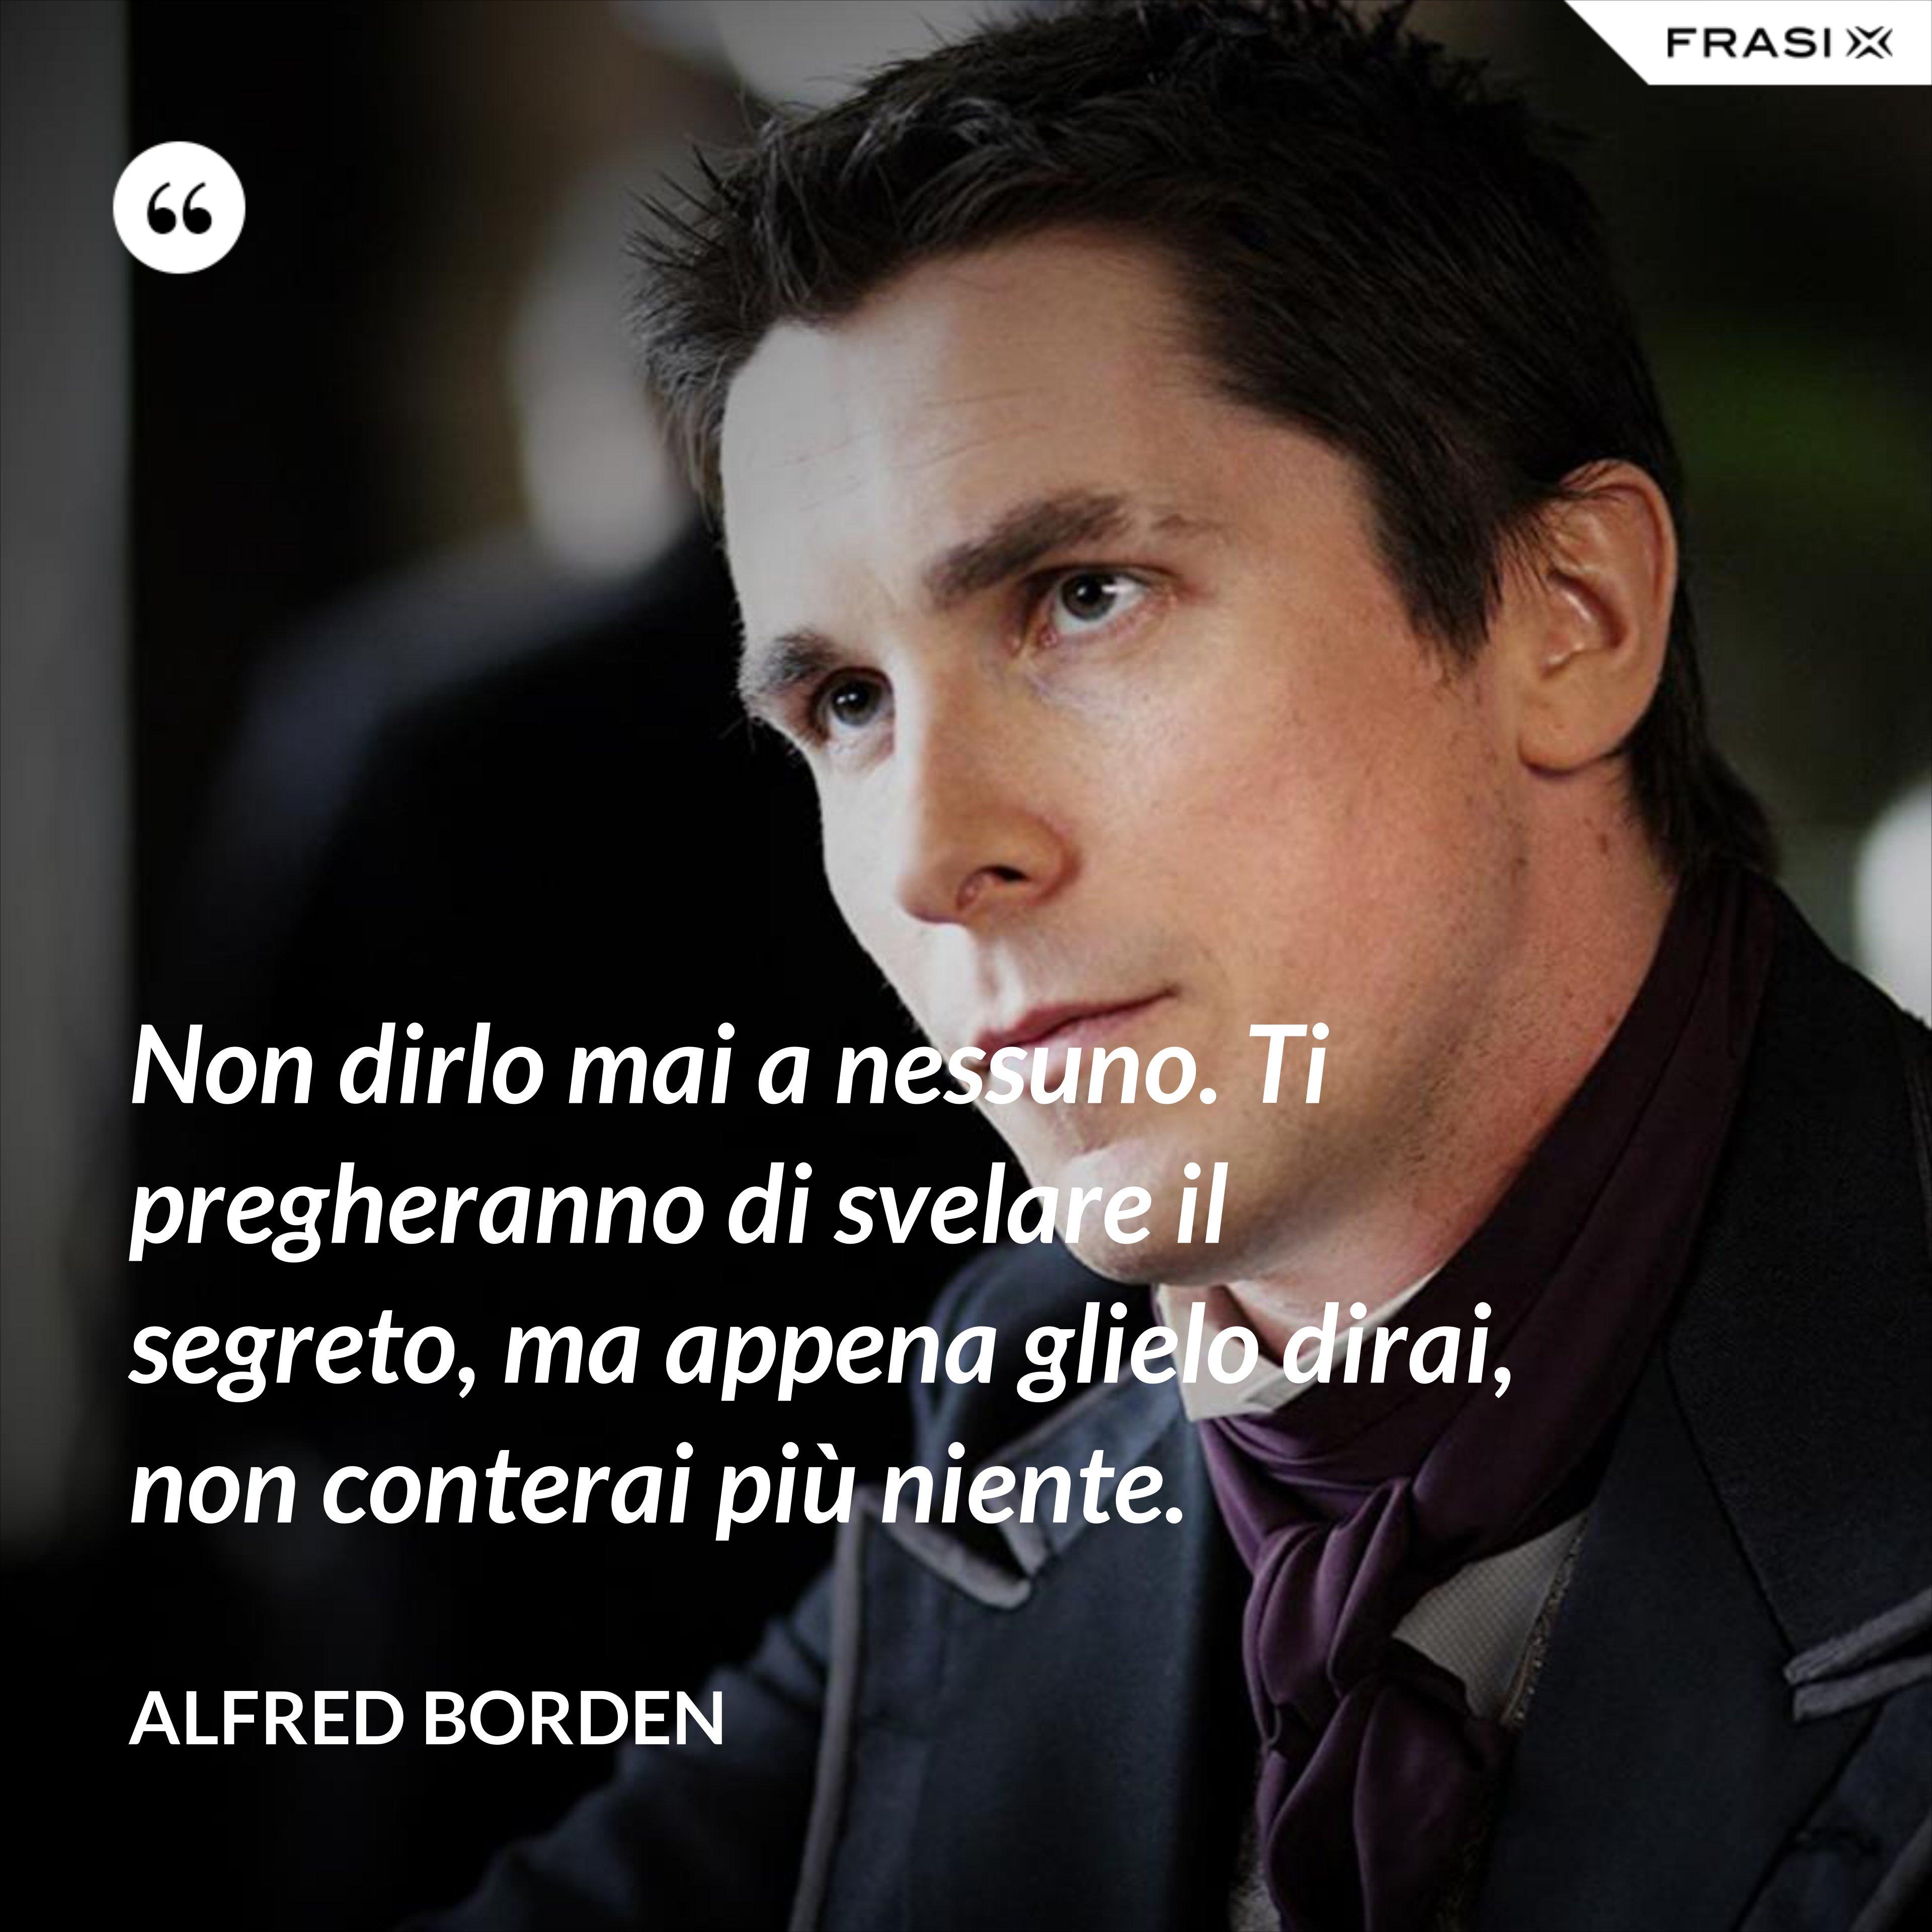 Non dirlo mai a nessuno. Ti pregheranno di svelare il segreto, ma appena glielo dirai, non conterai più niente. - Alfred Borden